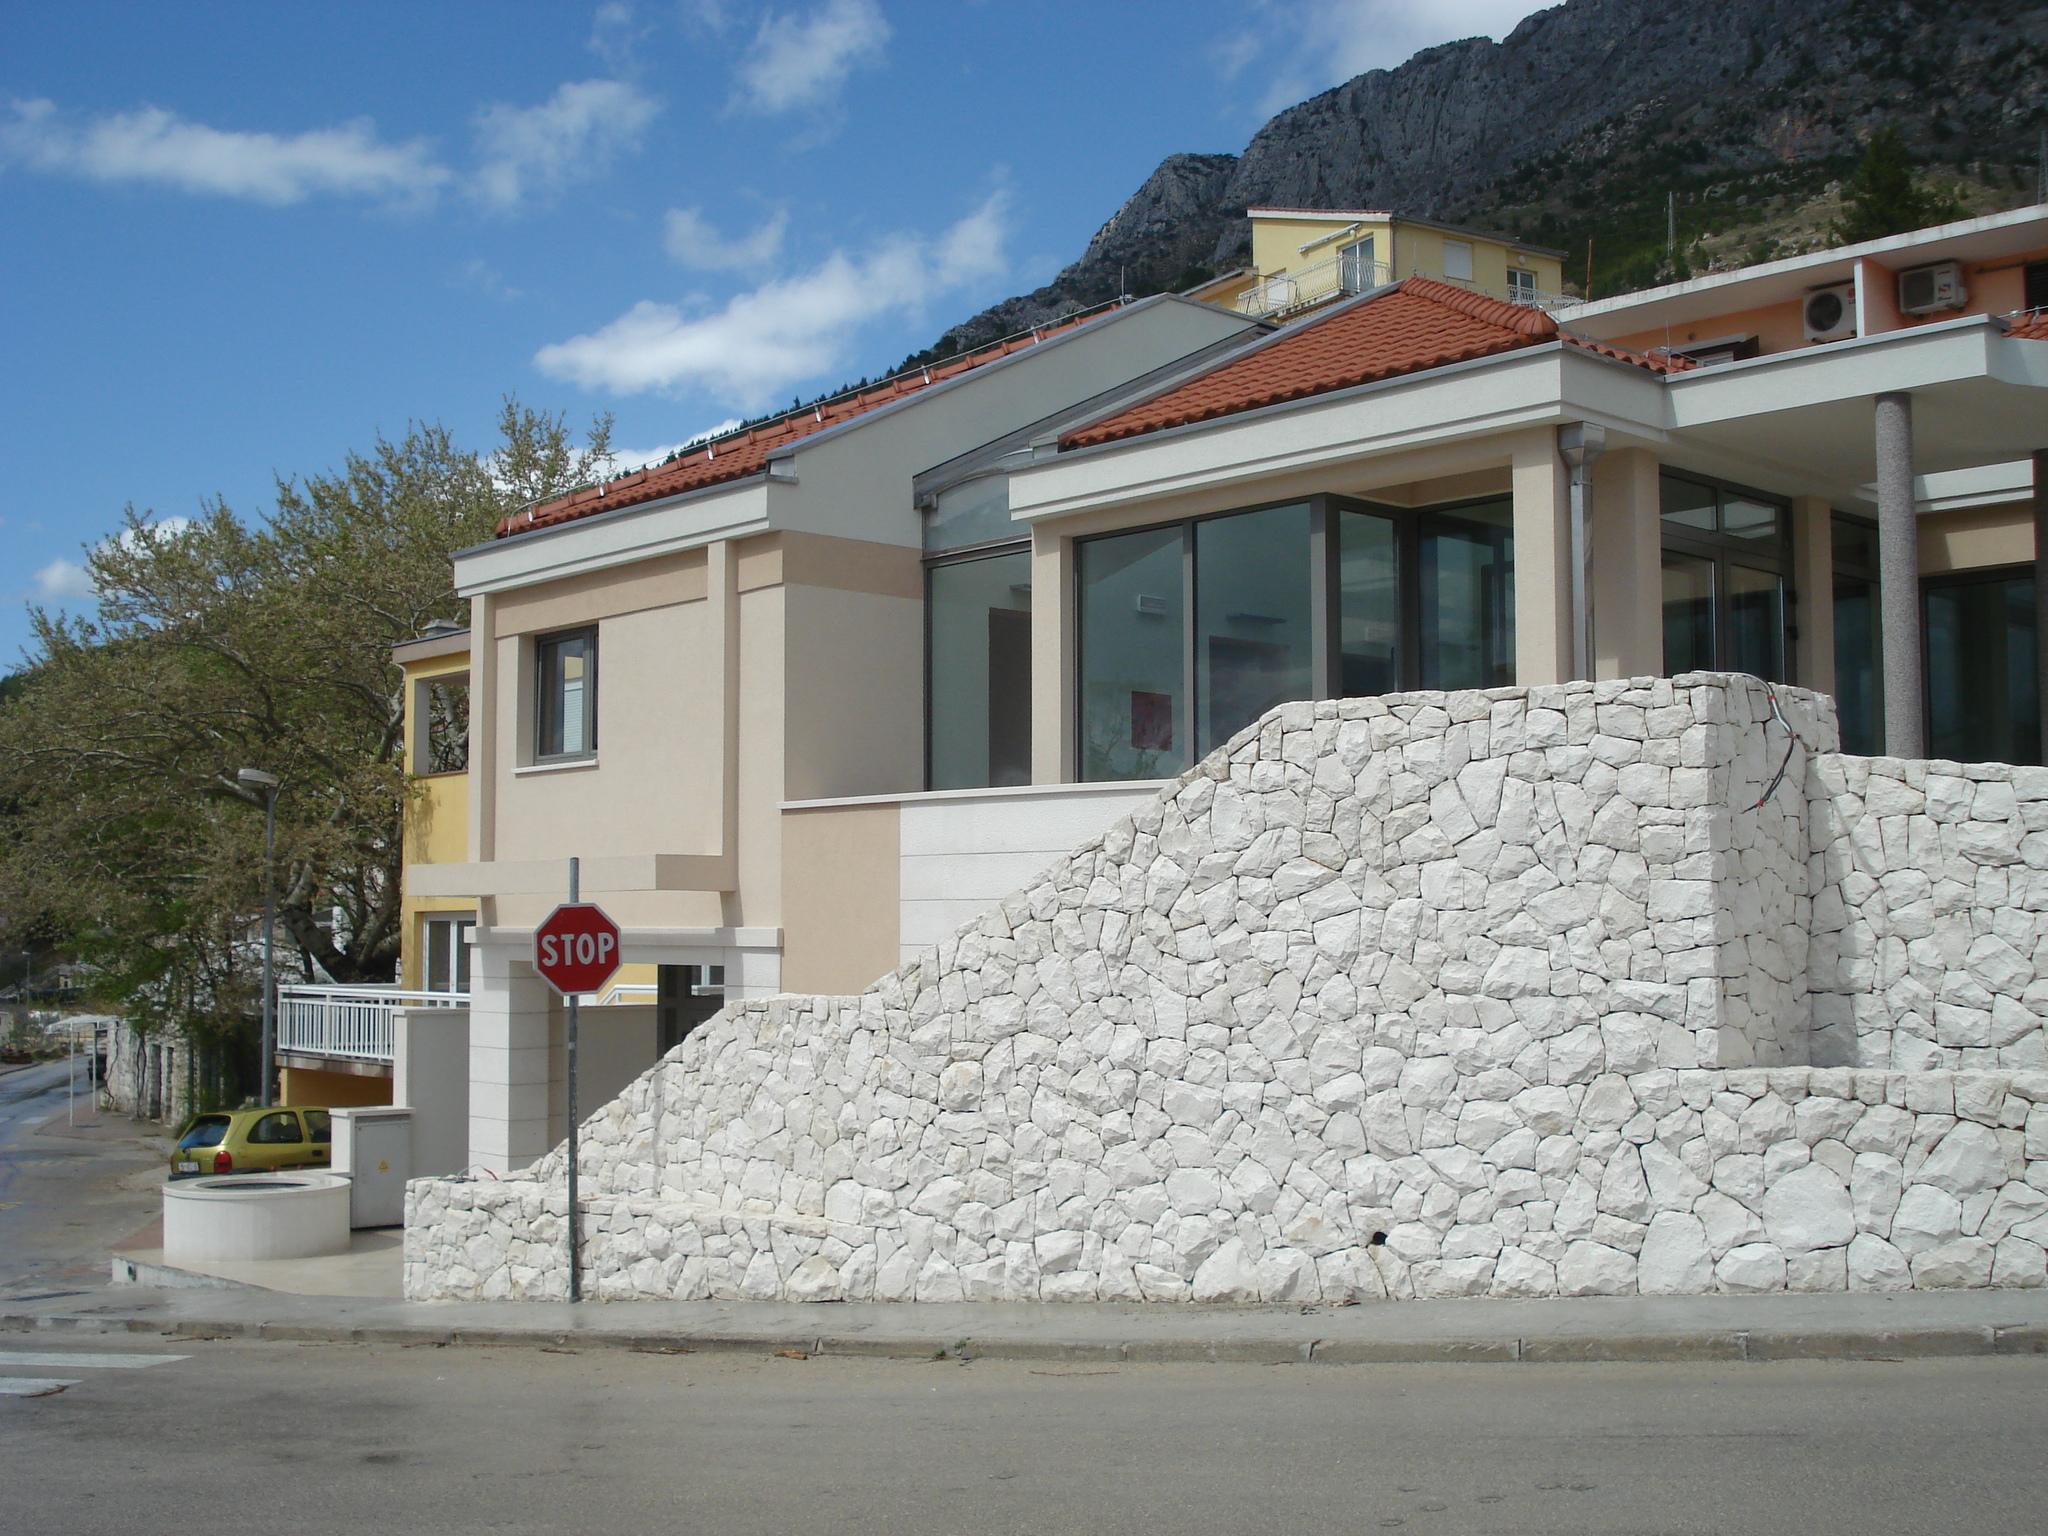 Završni građevinski radovi na objektu u Baškoj Vodi